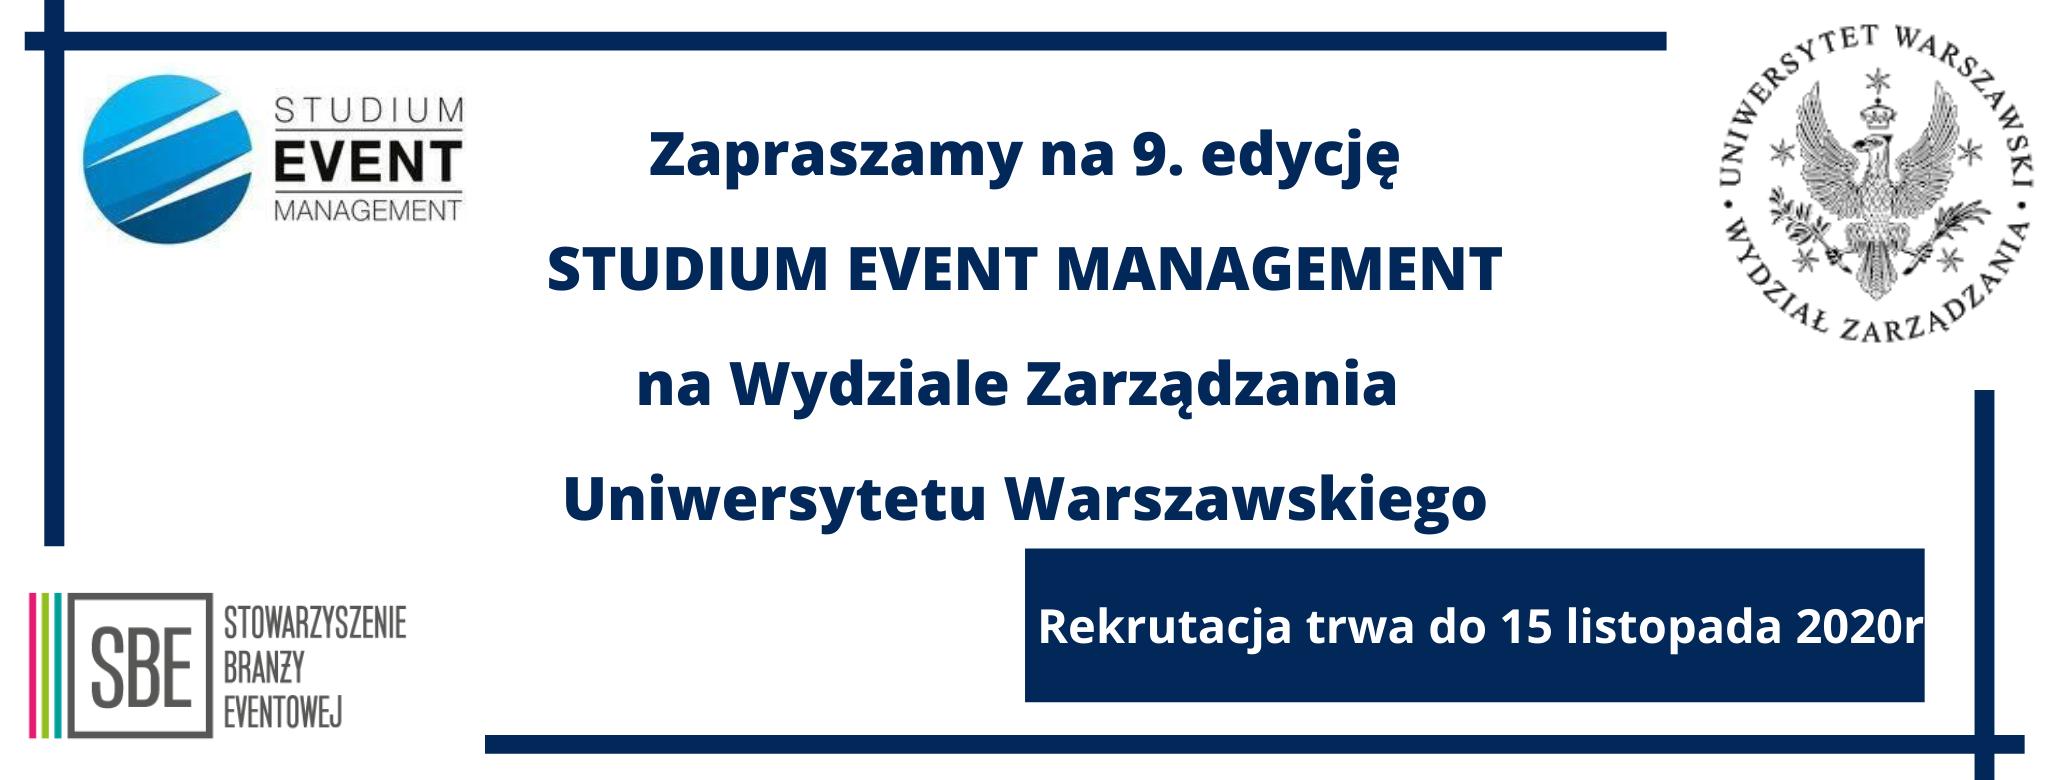 Rusza 9. Edycja Studium Event Management na Wydziale Zarządzania Uniwersytetu Warszawskiego